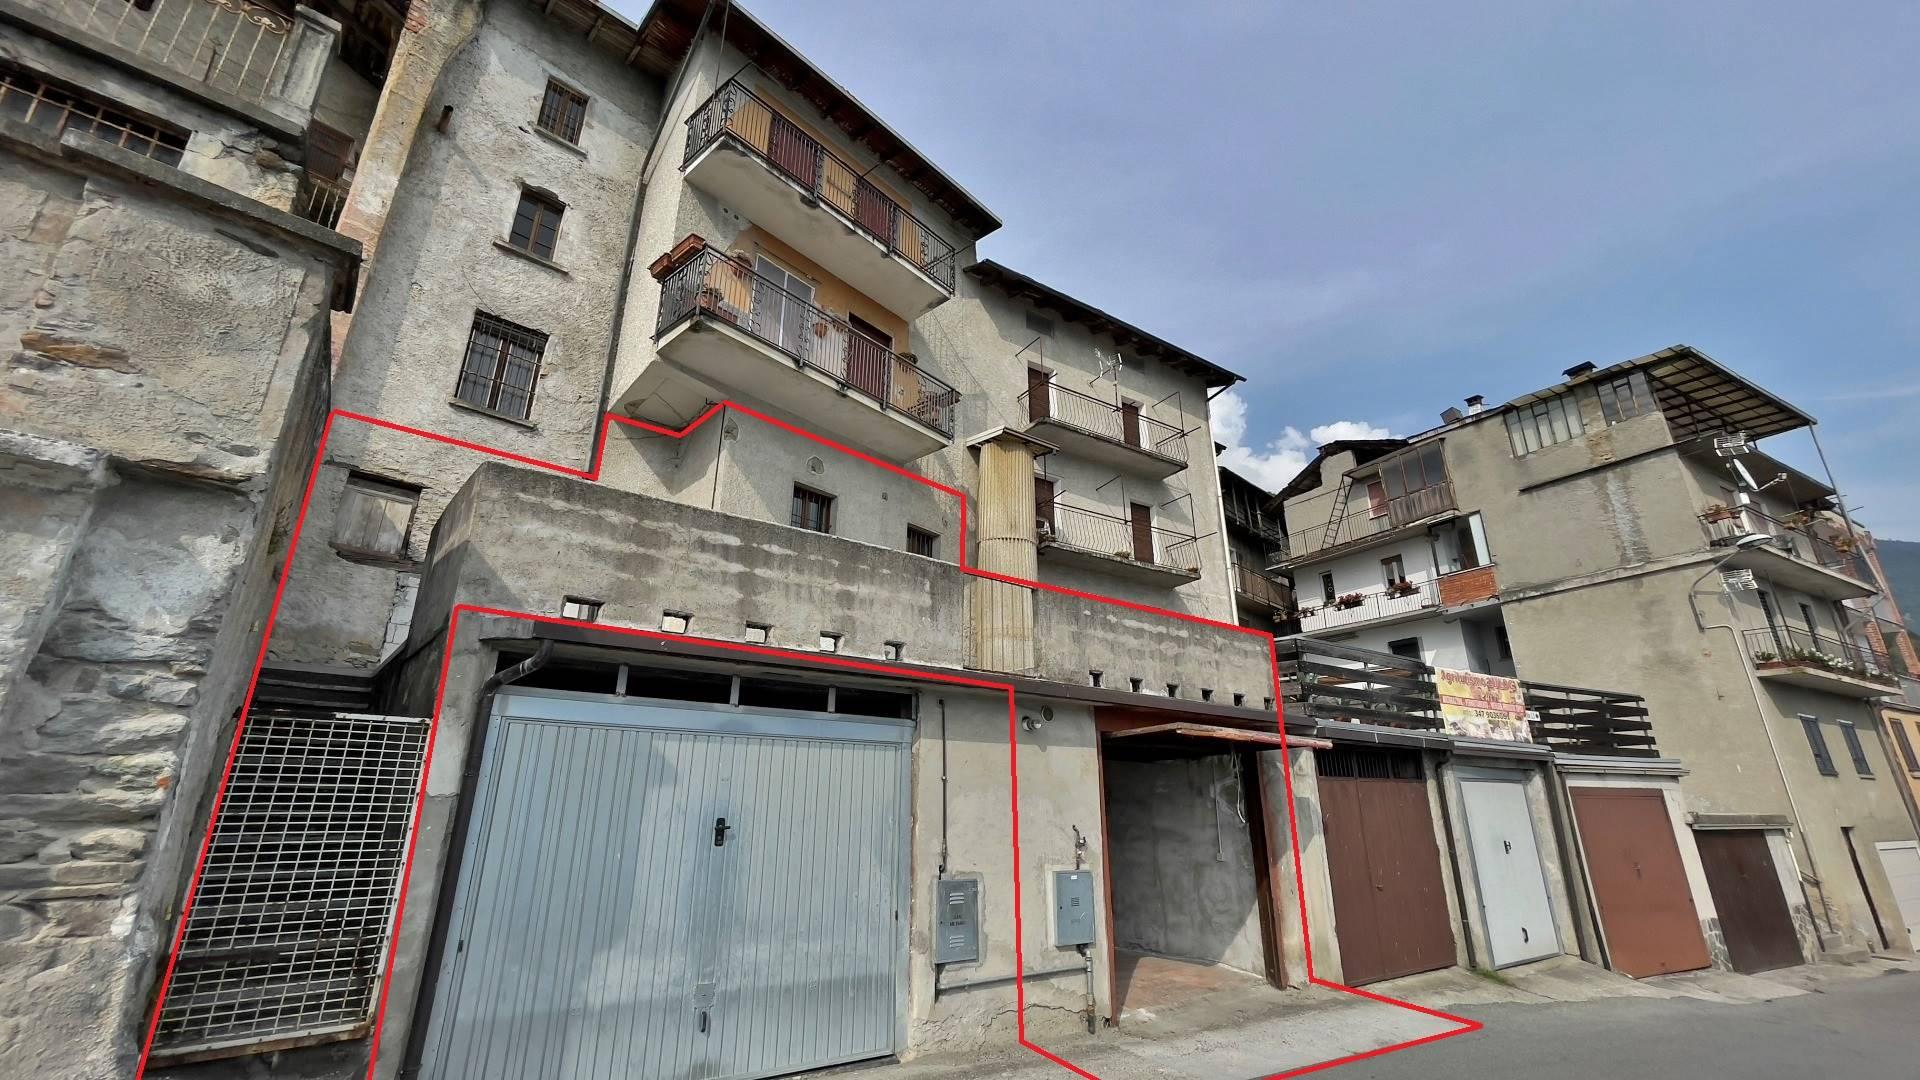 Appartamento in vendita a Buglio in Monte, 4 locali, prezzo € 55.000 | PortaleAgenzieImmobiliari.it